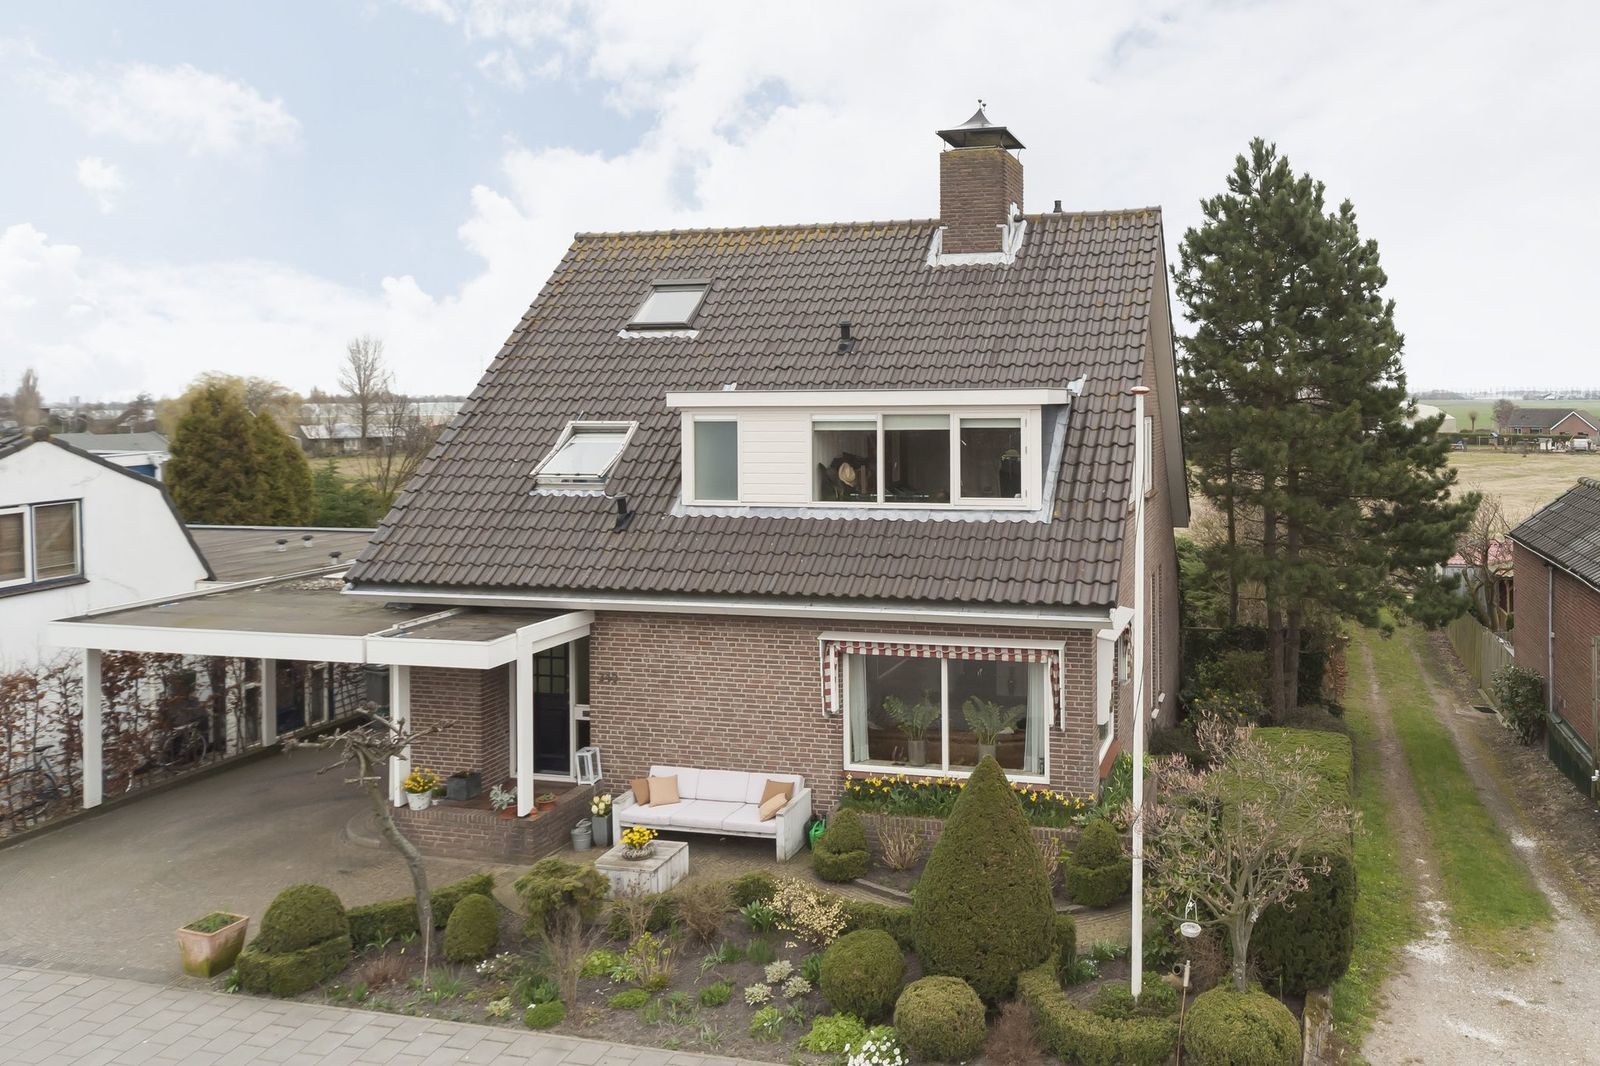 Lisserdijk 340, Lisserbroek